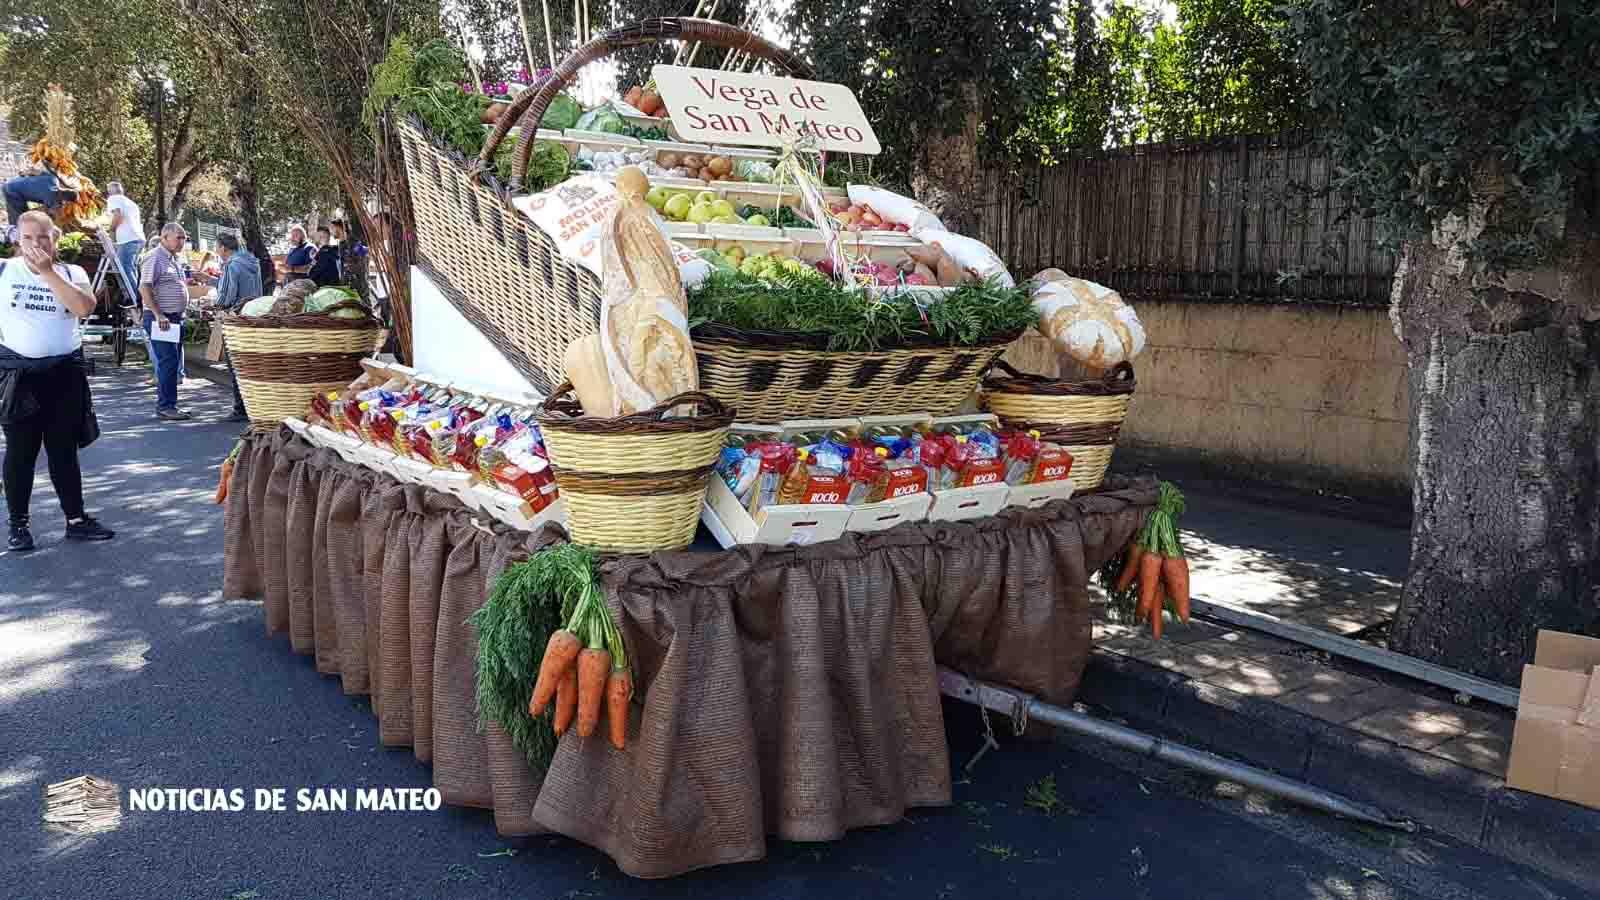 – Carreta San Mateo en Teror